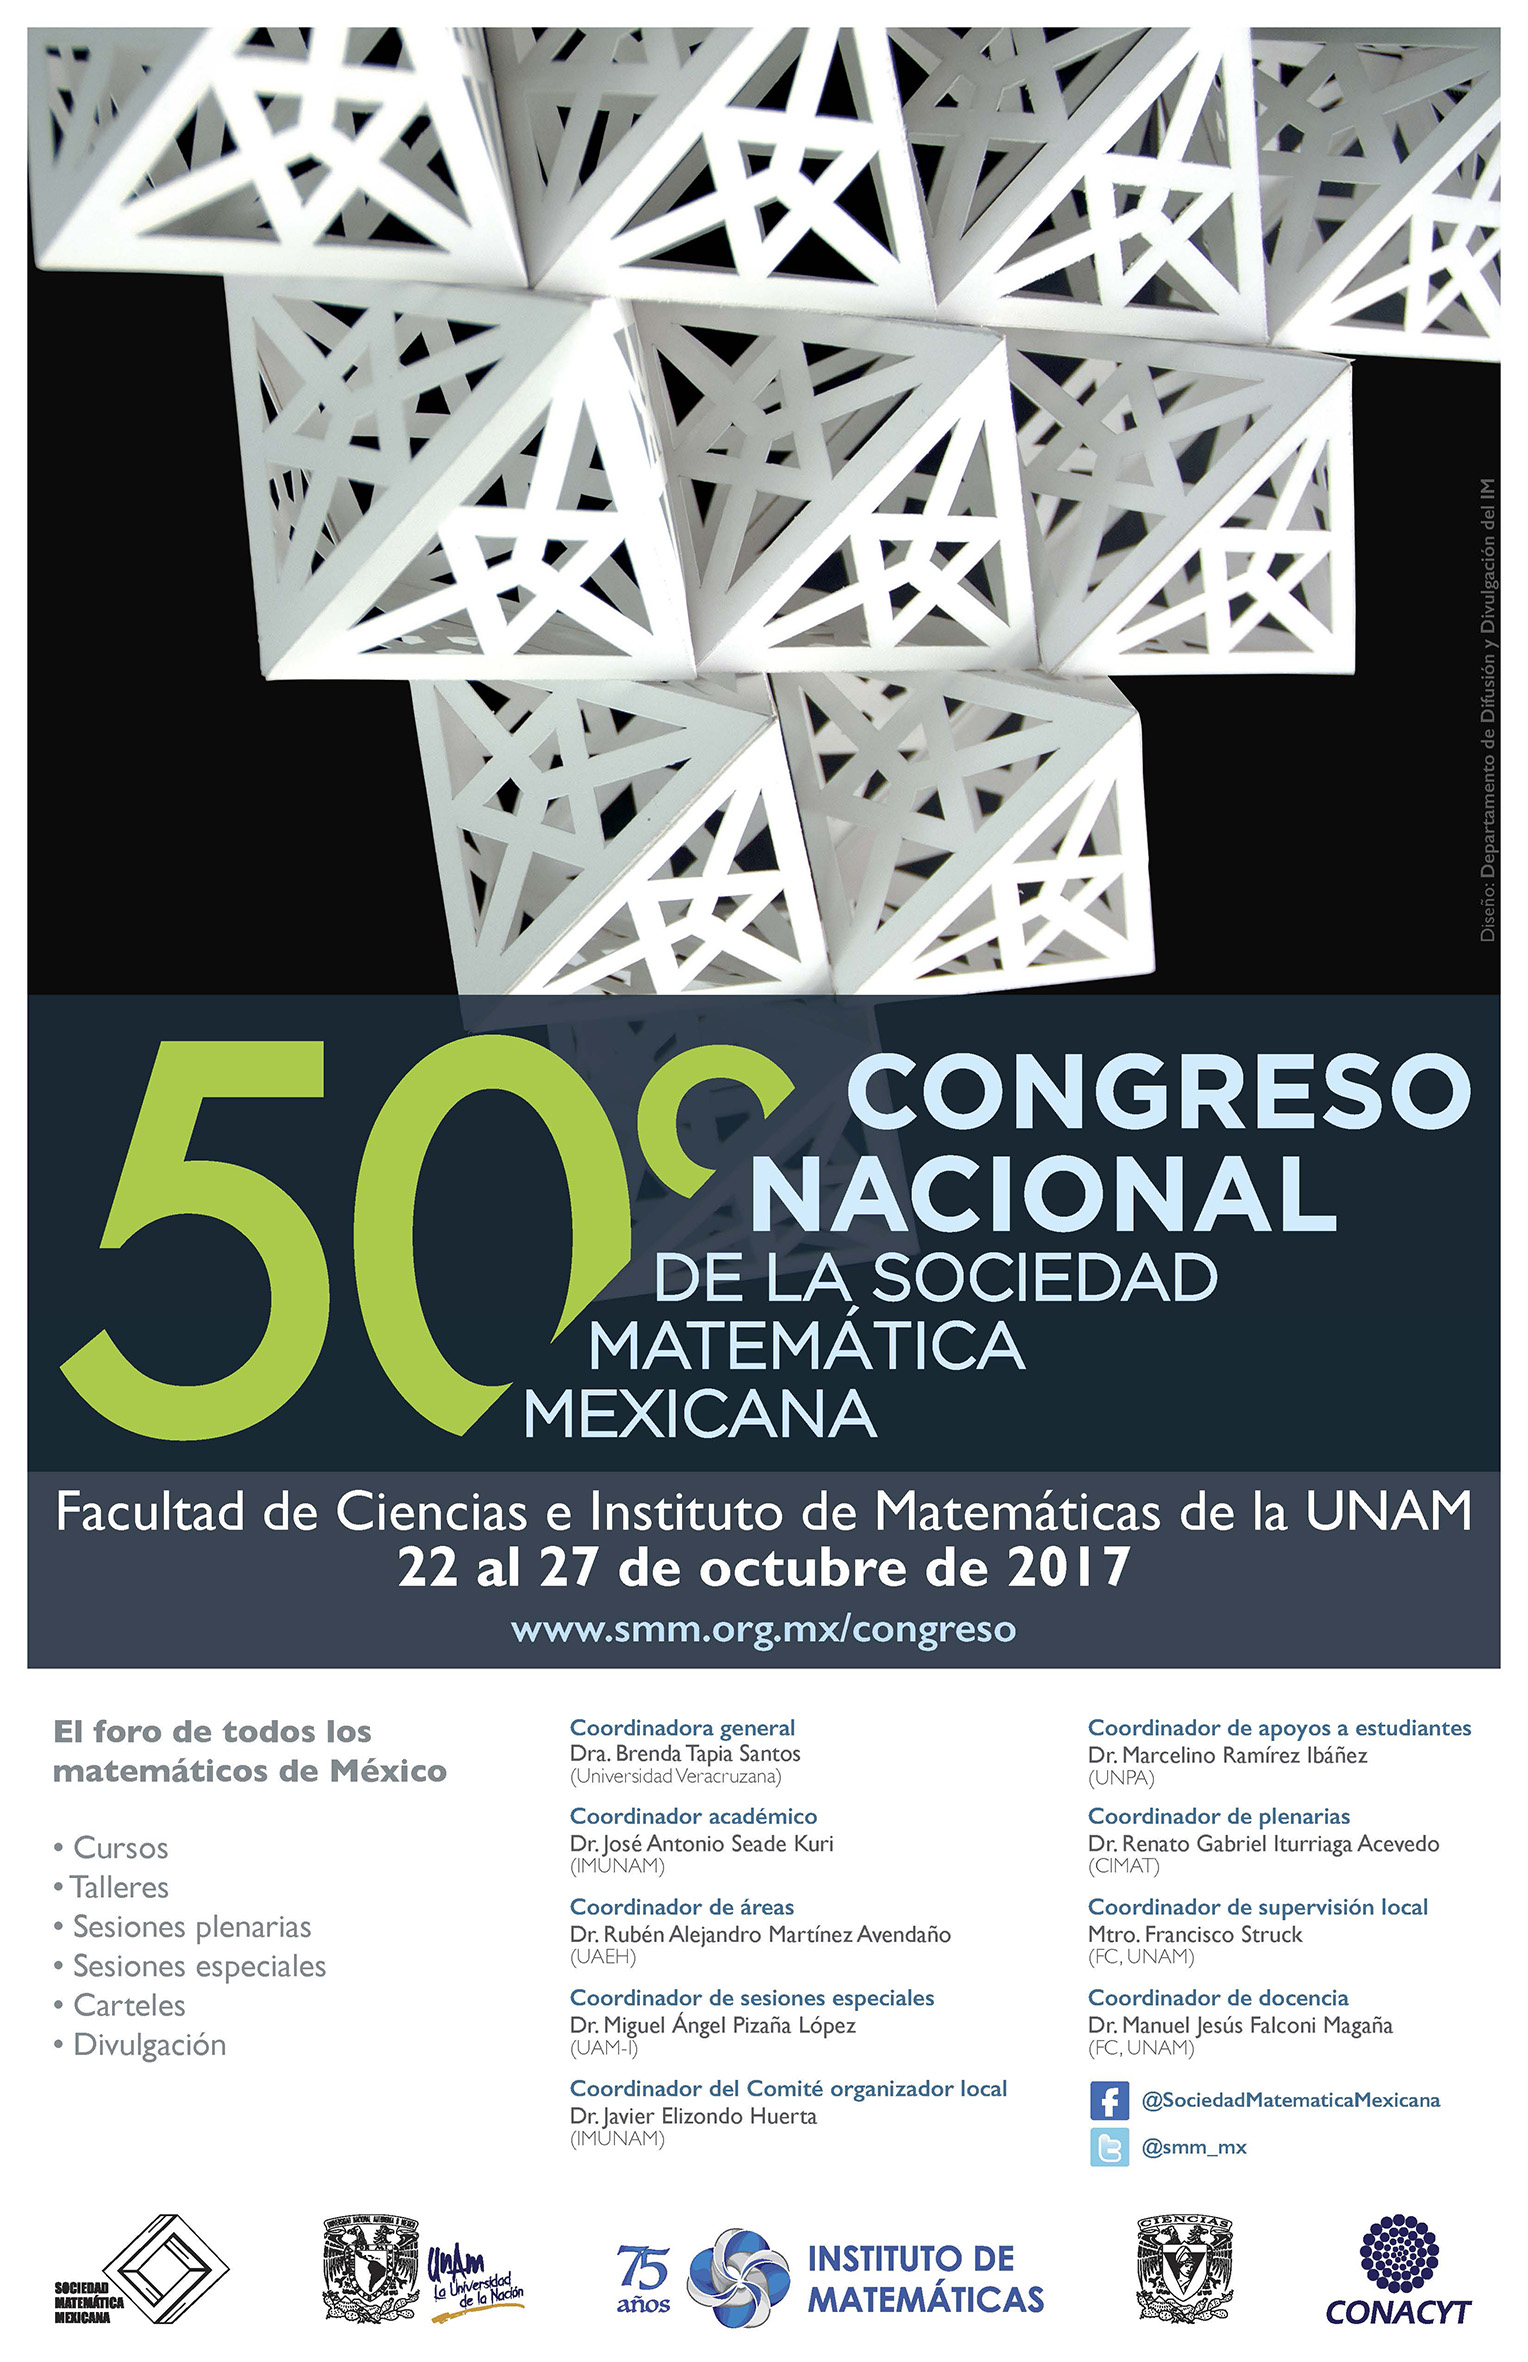 50 Congreso Nacional de la Sociedad Matemática Mexicana